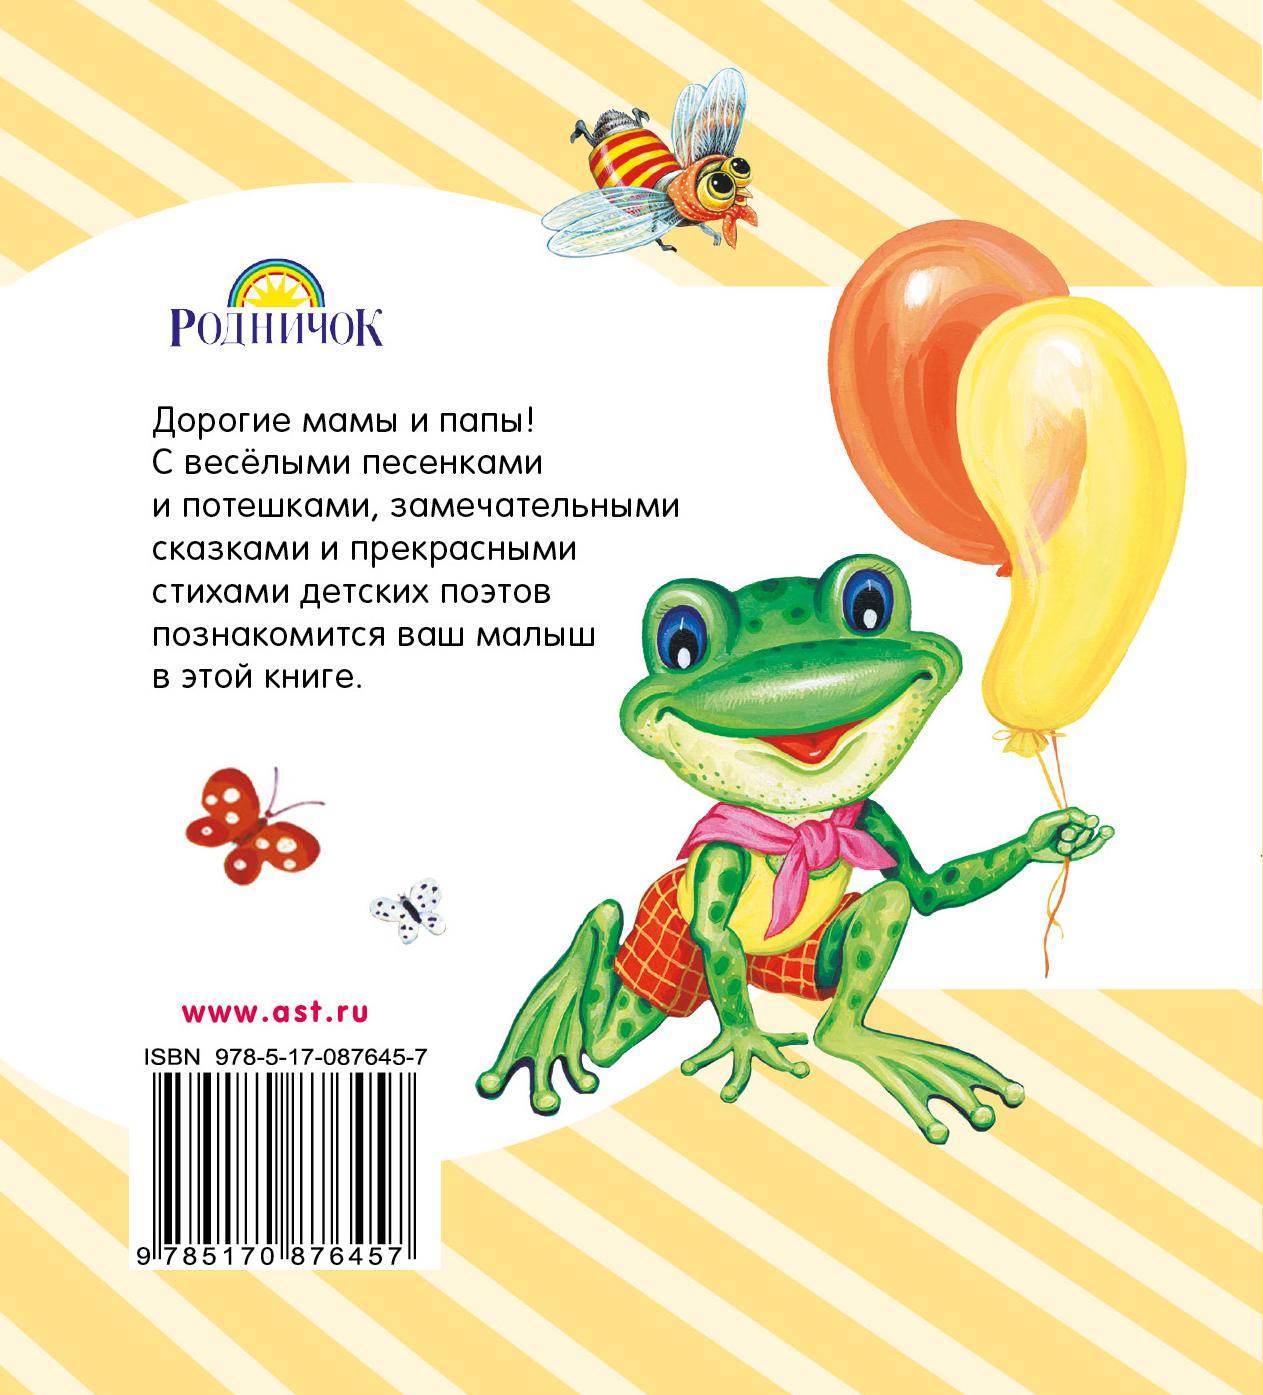 Детские стихи. Стихи